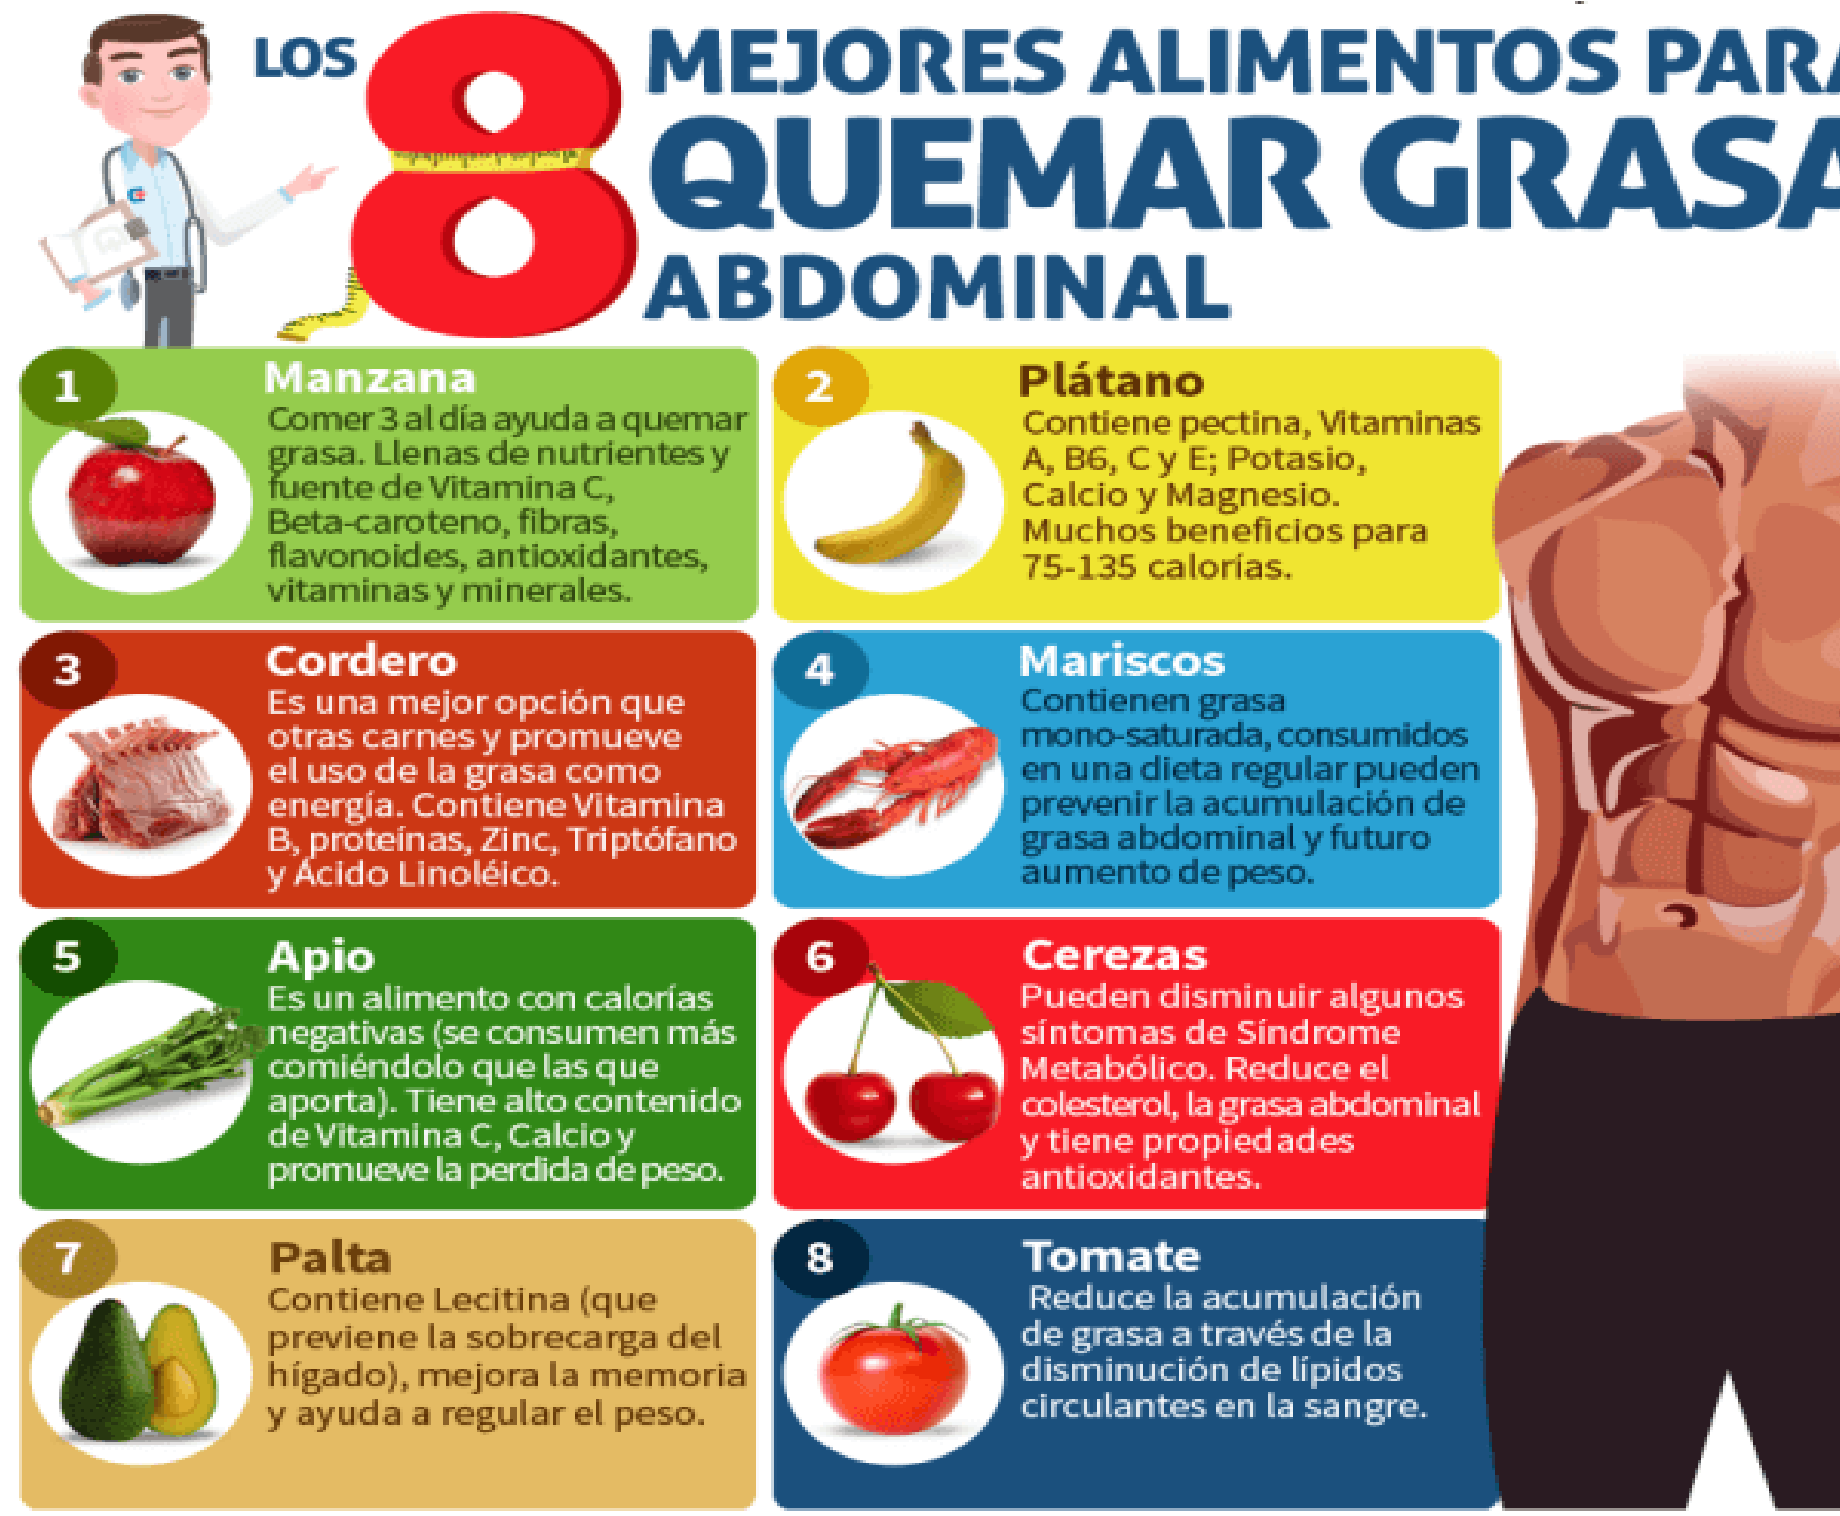 Dieta Perder Grasa Abdominal Hombre Cómo Perder Peso A Los 30 Años